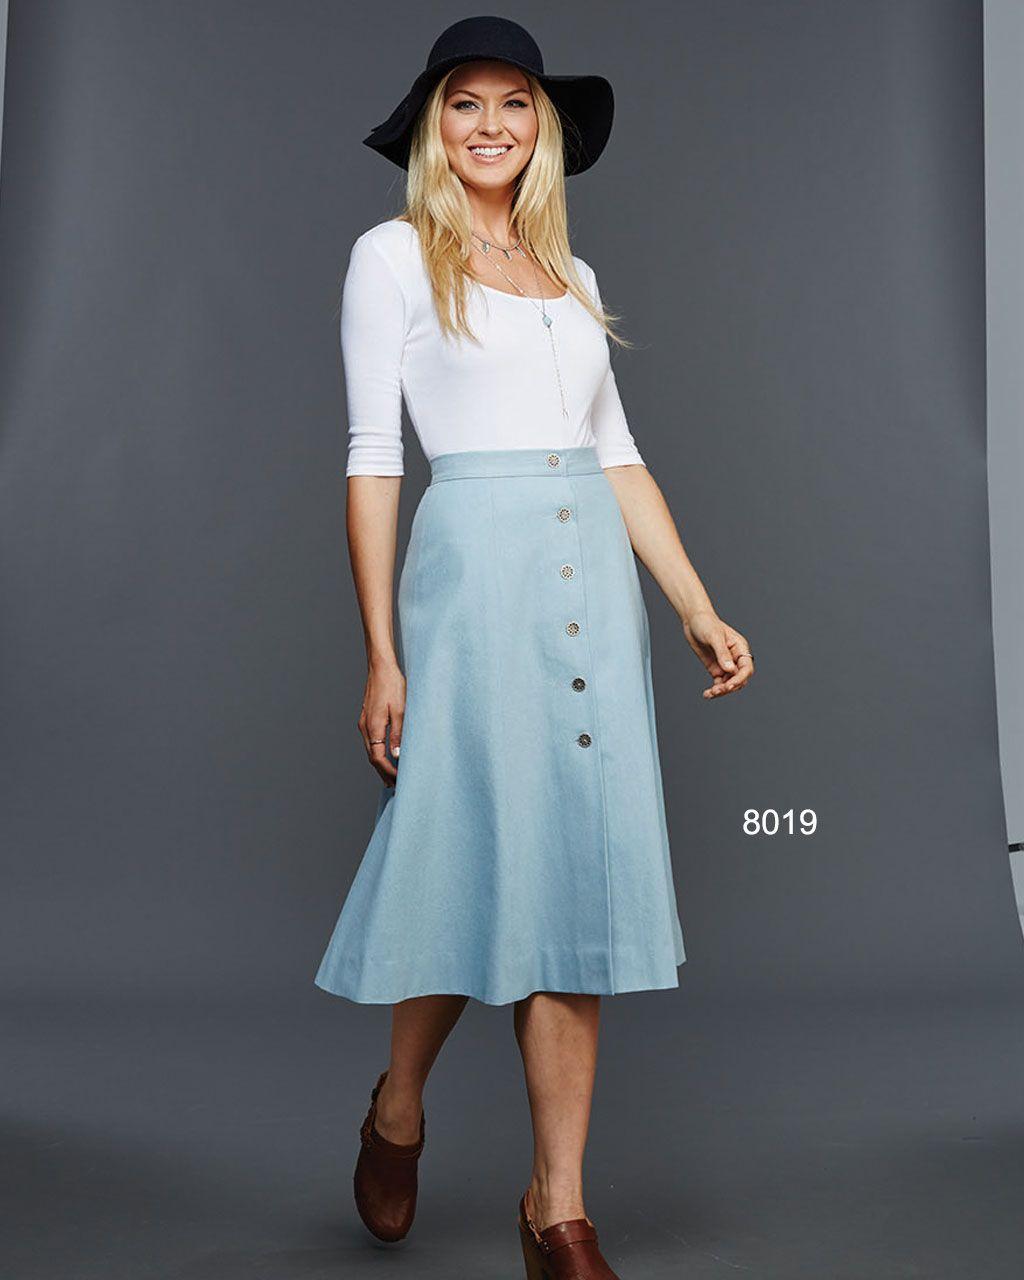 70s style dresses amazon